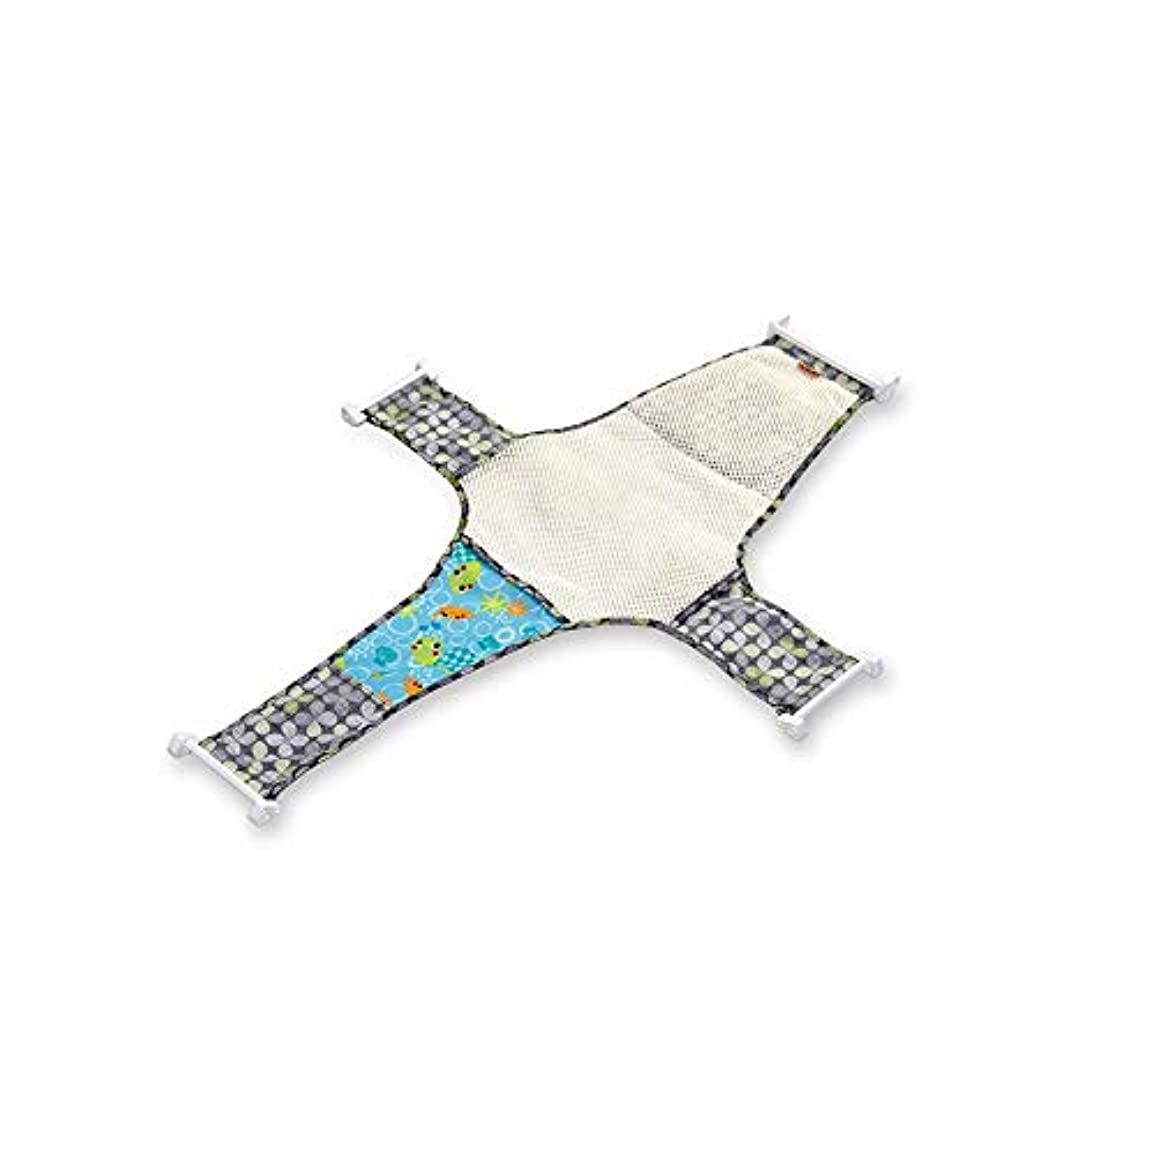 ジョブではごきげんよう海峡Onior調整可能 十字メッシュ パターン バスタブ 座席 スタンドネット 滑り止め 浴槽網 耐久性